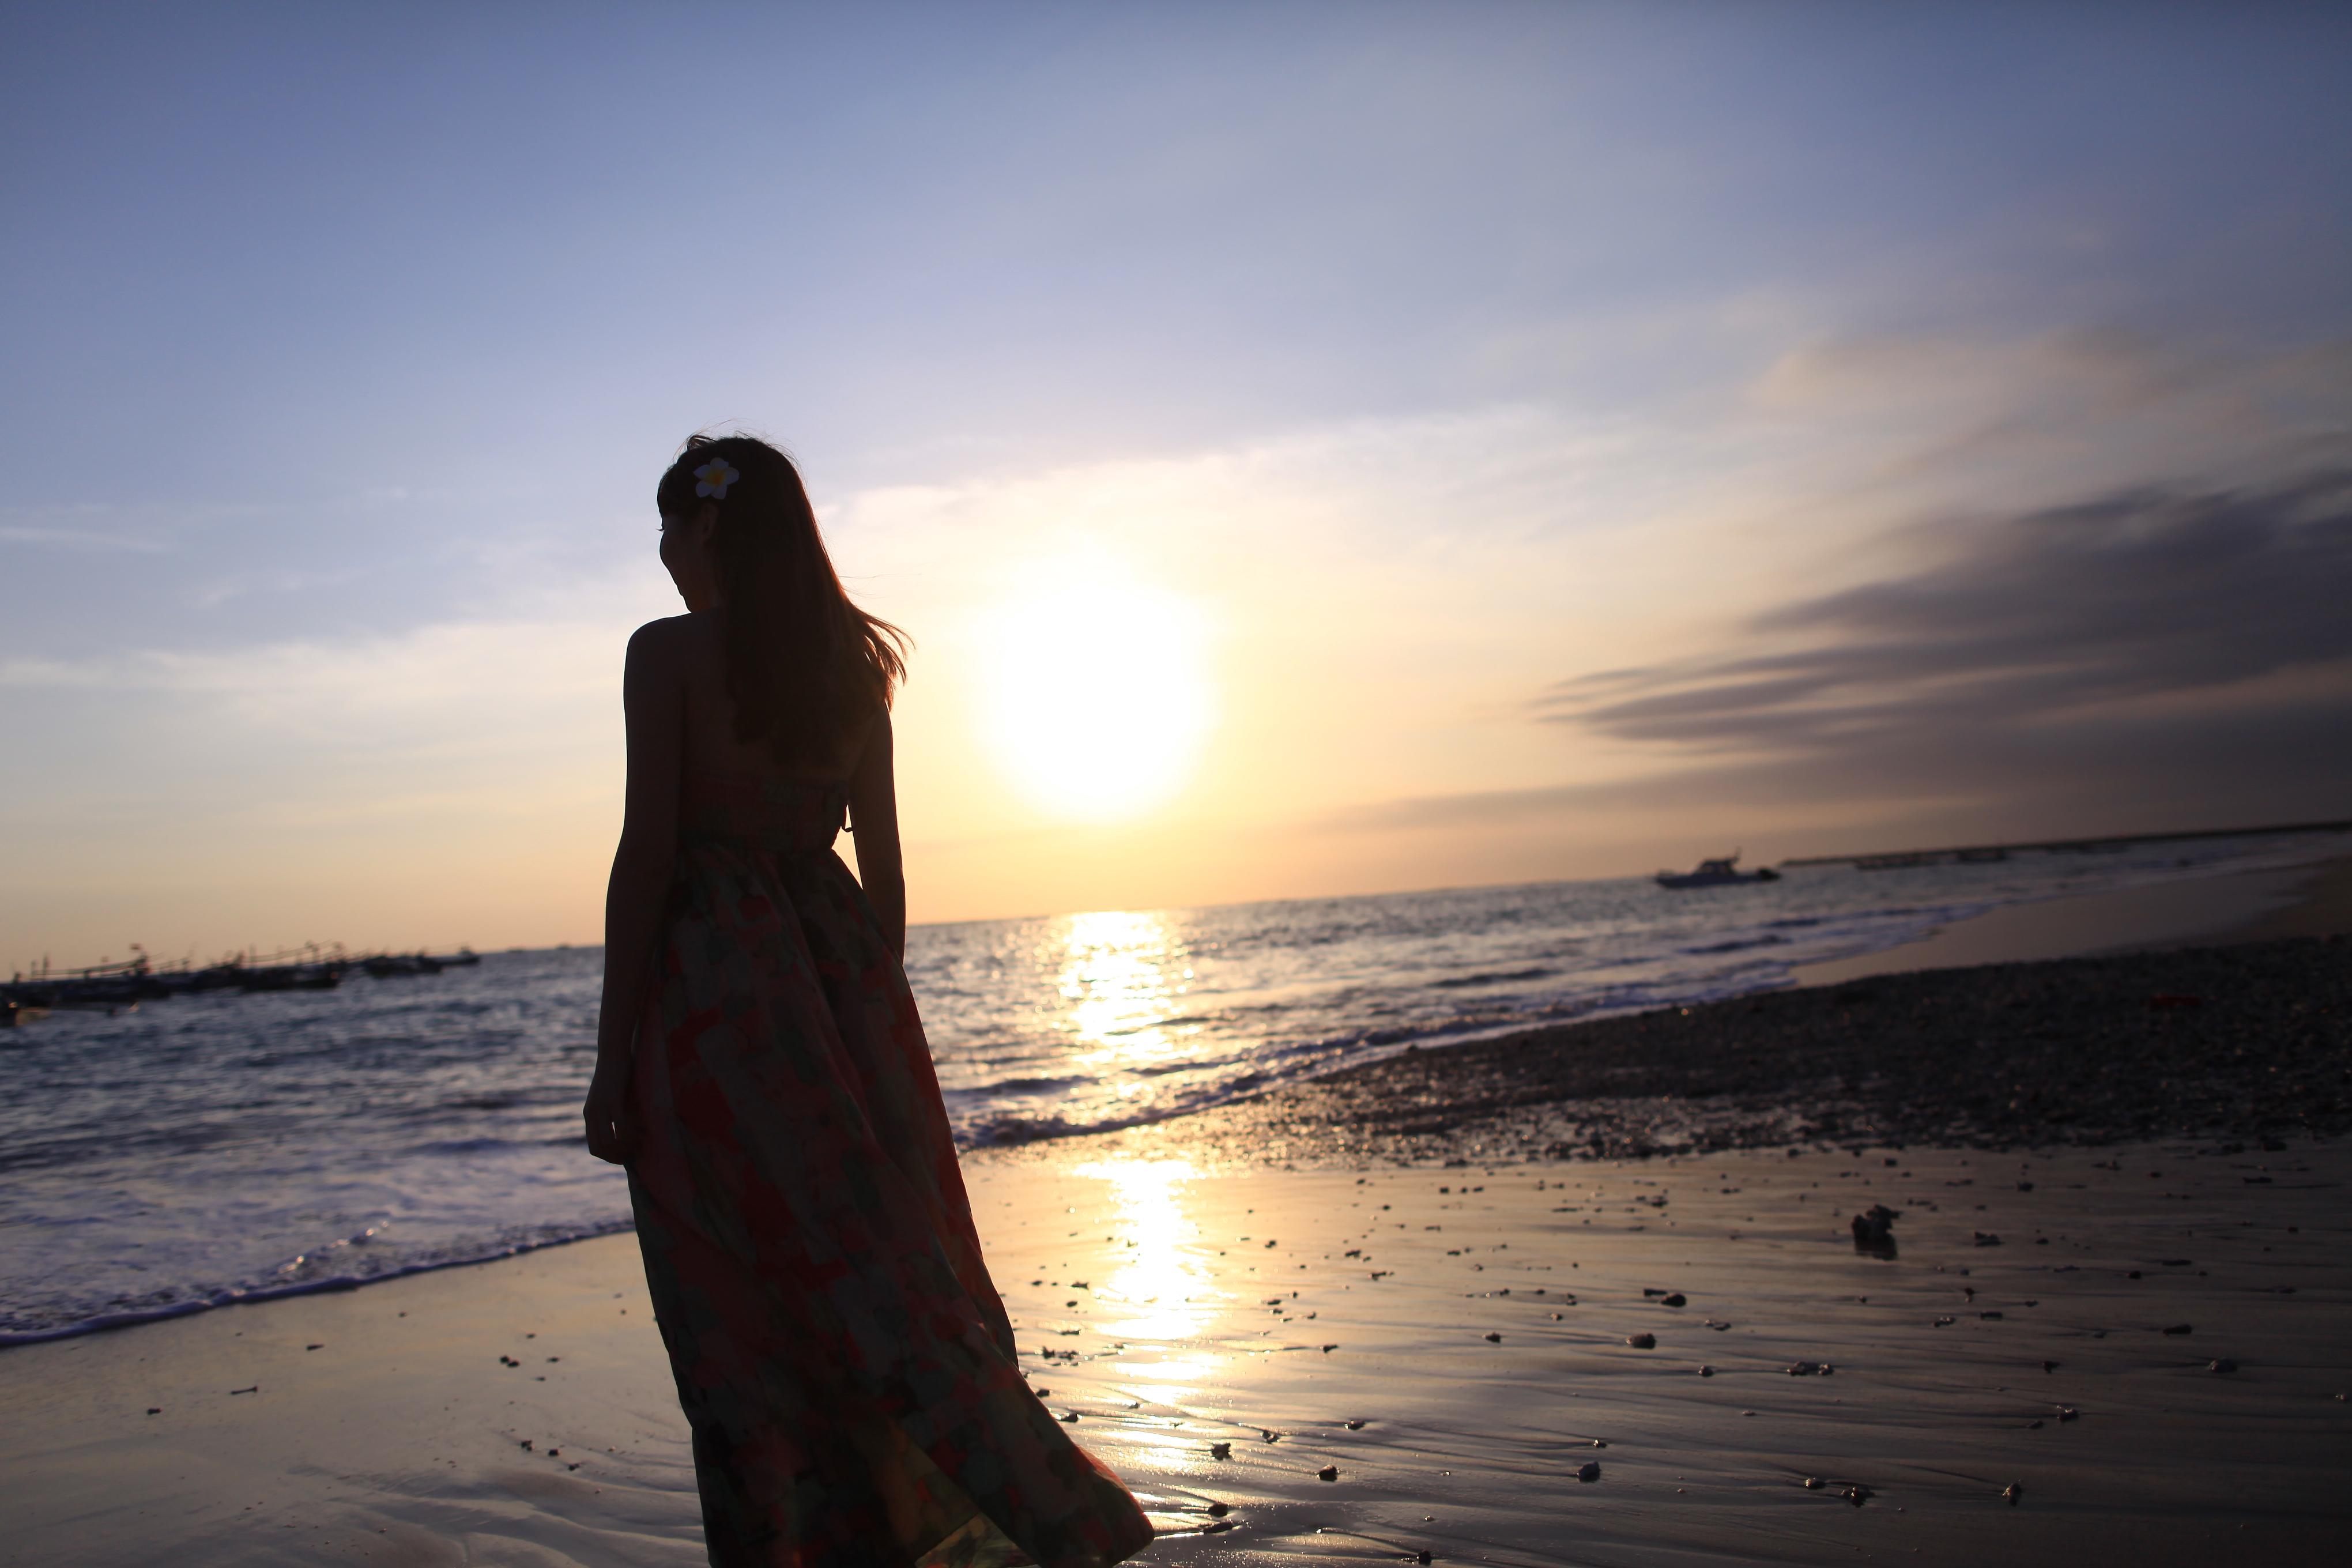 巴厘岛旅游攻略指南? 携程攻略社区! 靠谱的旅游攻略平台,最佳的巴厘岛自助游、自由行、自驾游、跟团旅线路,海量巴厘岛旅游景点图片、游记、交通、美食、购物、住宿、娱乐、行程、指南等旅游攻略信息,了解更多巴厘岛旅游信息就来携程旅游攻略。